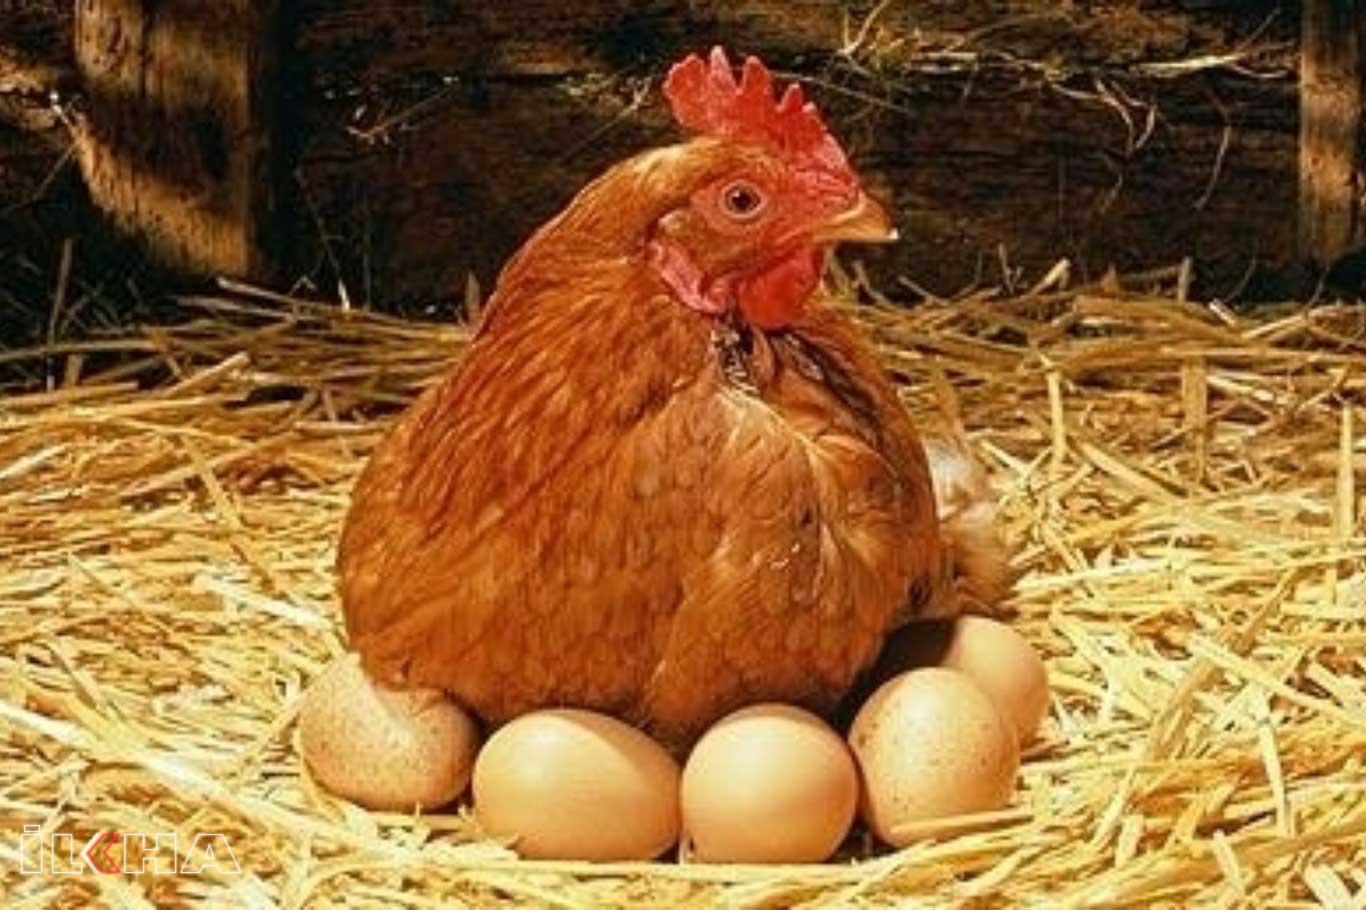 Kümes Hayvancılığı Üretimi Azaldı